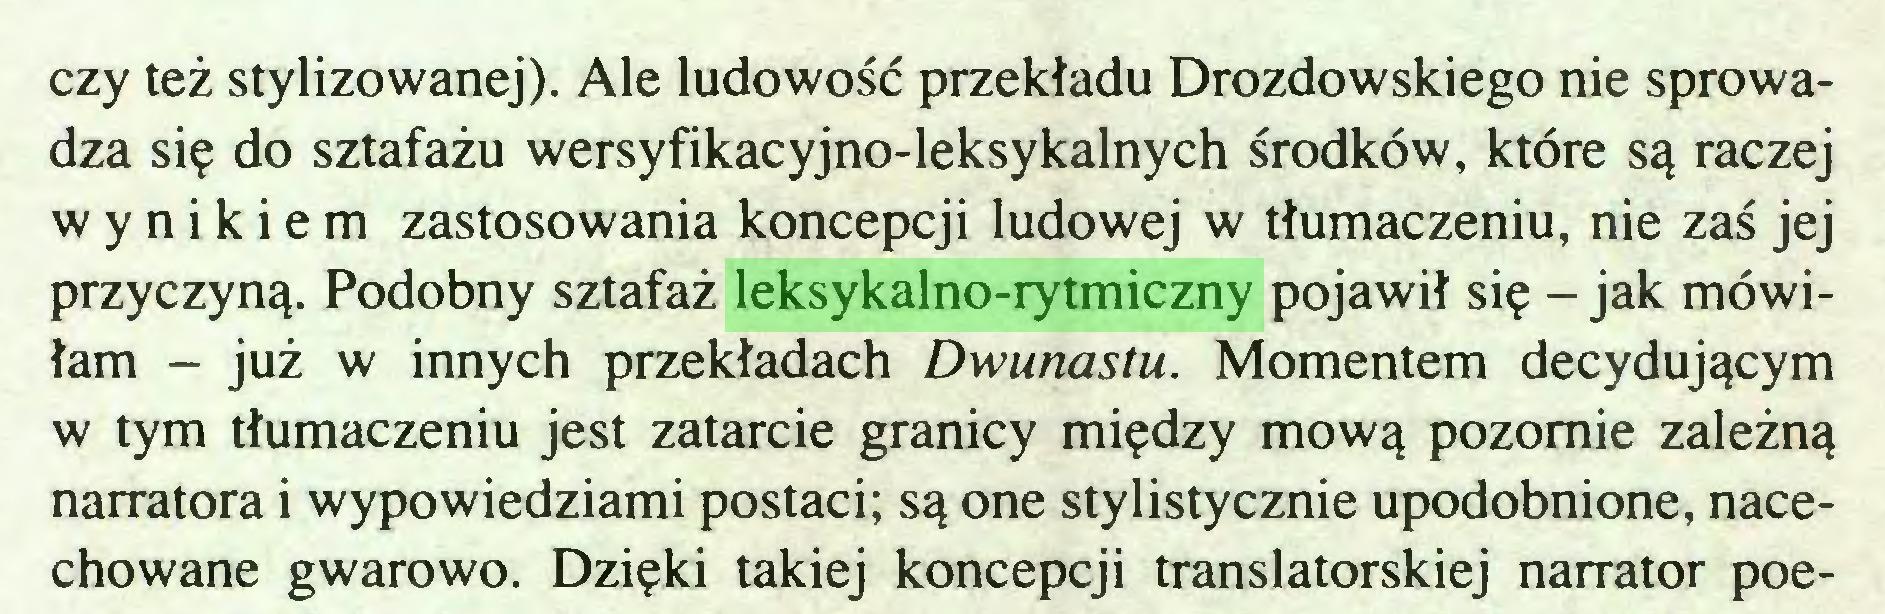 (...) czy też stylizowanej). Ale ludowość przekładu Drozdowskiego nie sprowadza się do sztafażu wersyfikacyjno-leksykalnych środków, które są raczej wynikiem zastosowania koncepcji ludowej w tłumaczeniu, nie zaś jej przyczyną. Podobny sztafaż leksykalno-rytmiczny pojawił się - jak mówiłam - już w innych przekładach Dwunastu. Momentem decydującym w tym tłumaczeniu jest zatarcie granicy między mową pozornie zależną narratora i wypowiedziami postaci; są one stylistycznie upodobnione, nacechowane gwarowo. Dzięki takiej koncepcji translatorskiej narrator poe...